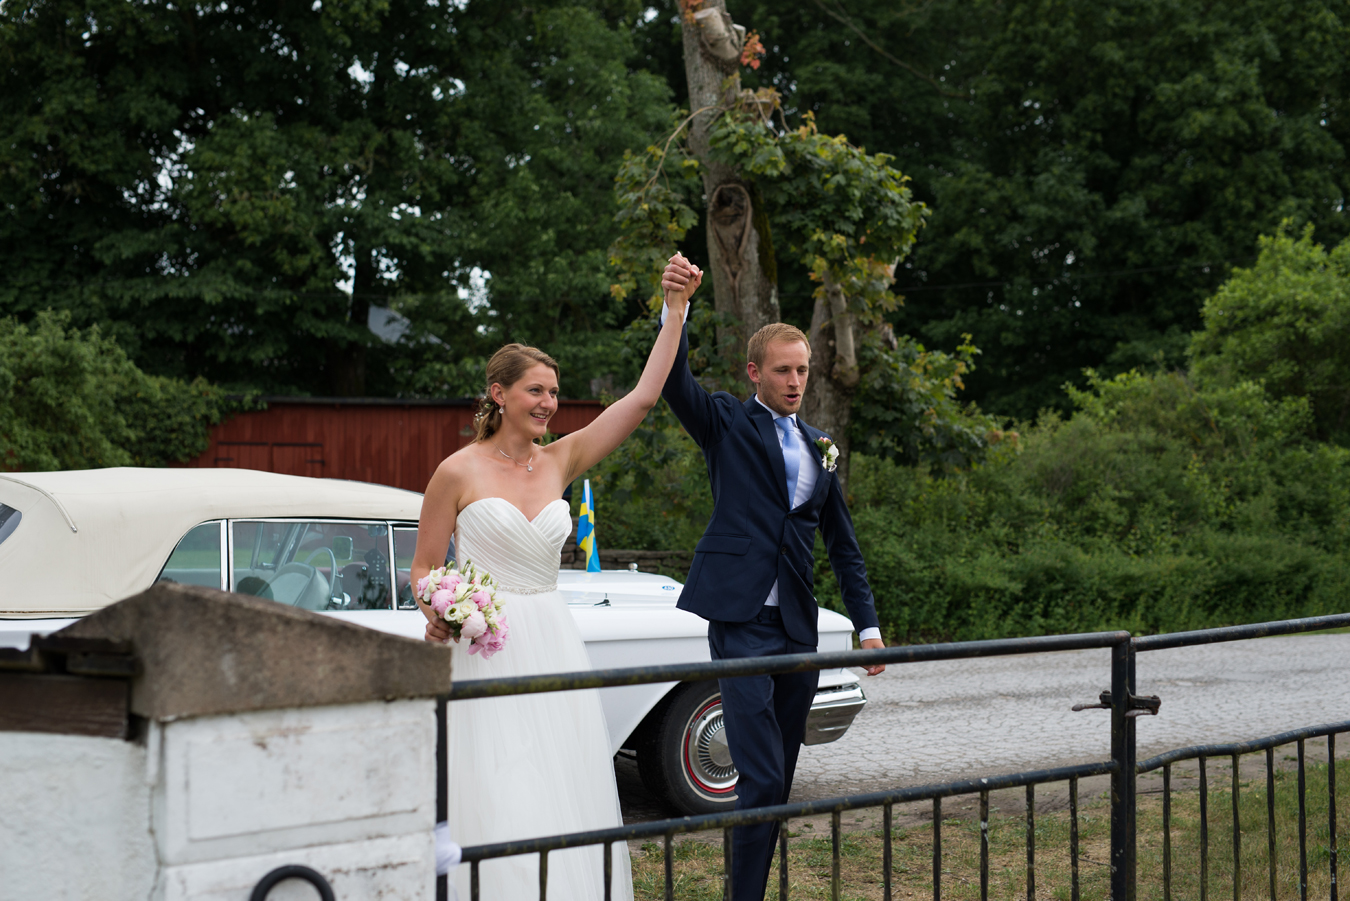 022-bröllopsfotograf-gumbalde-gotland-neas-fotografi.jpg